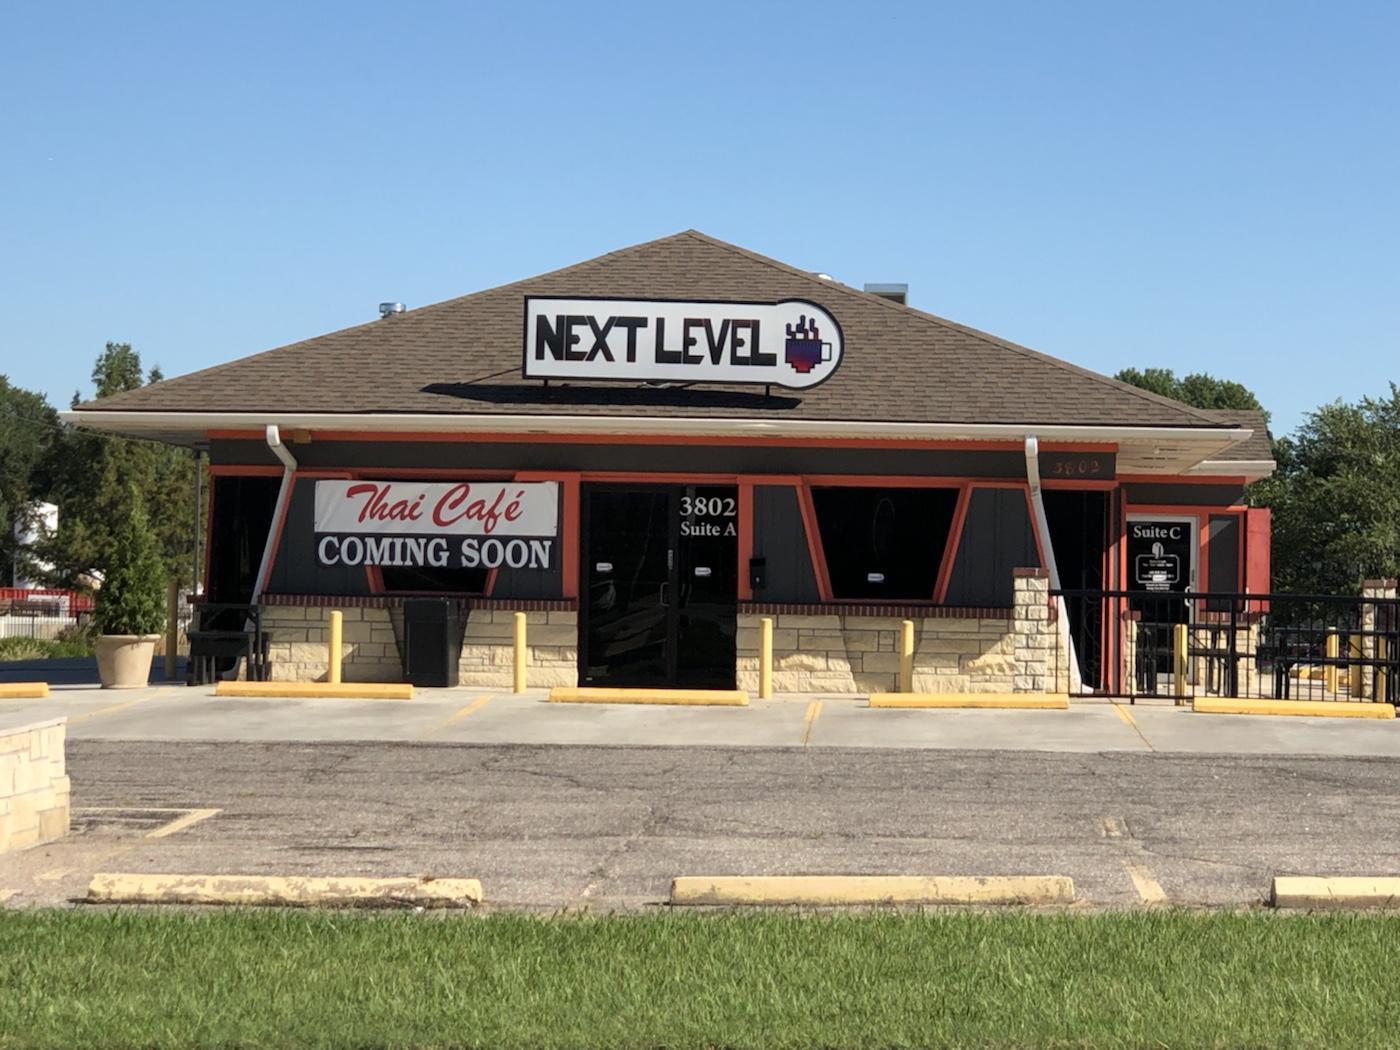 Next Level Cafe